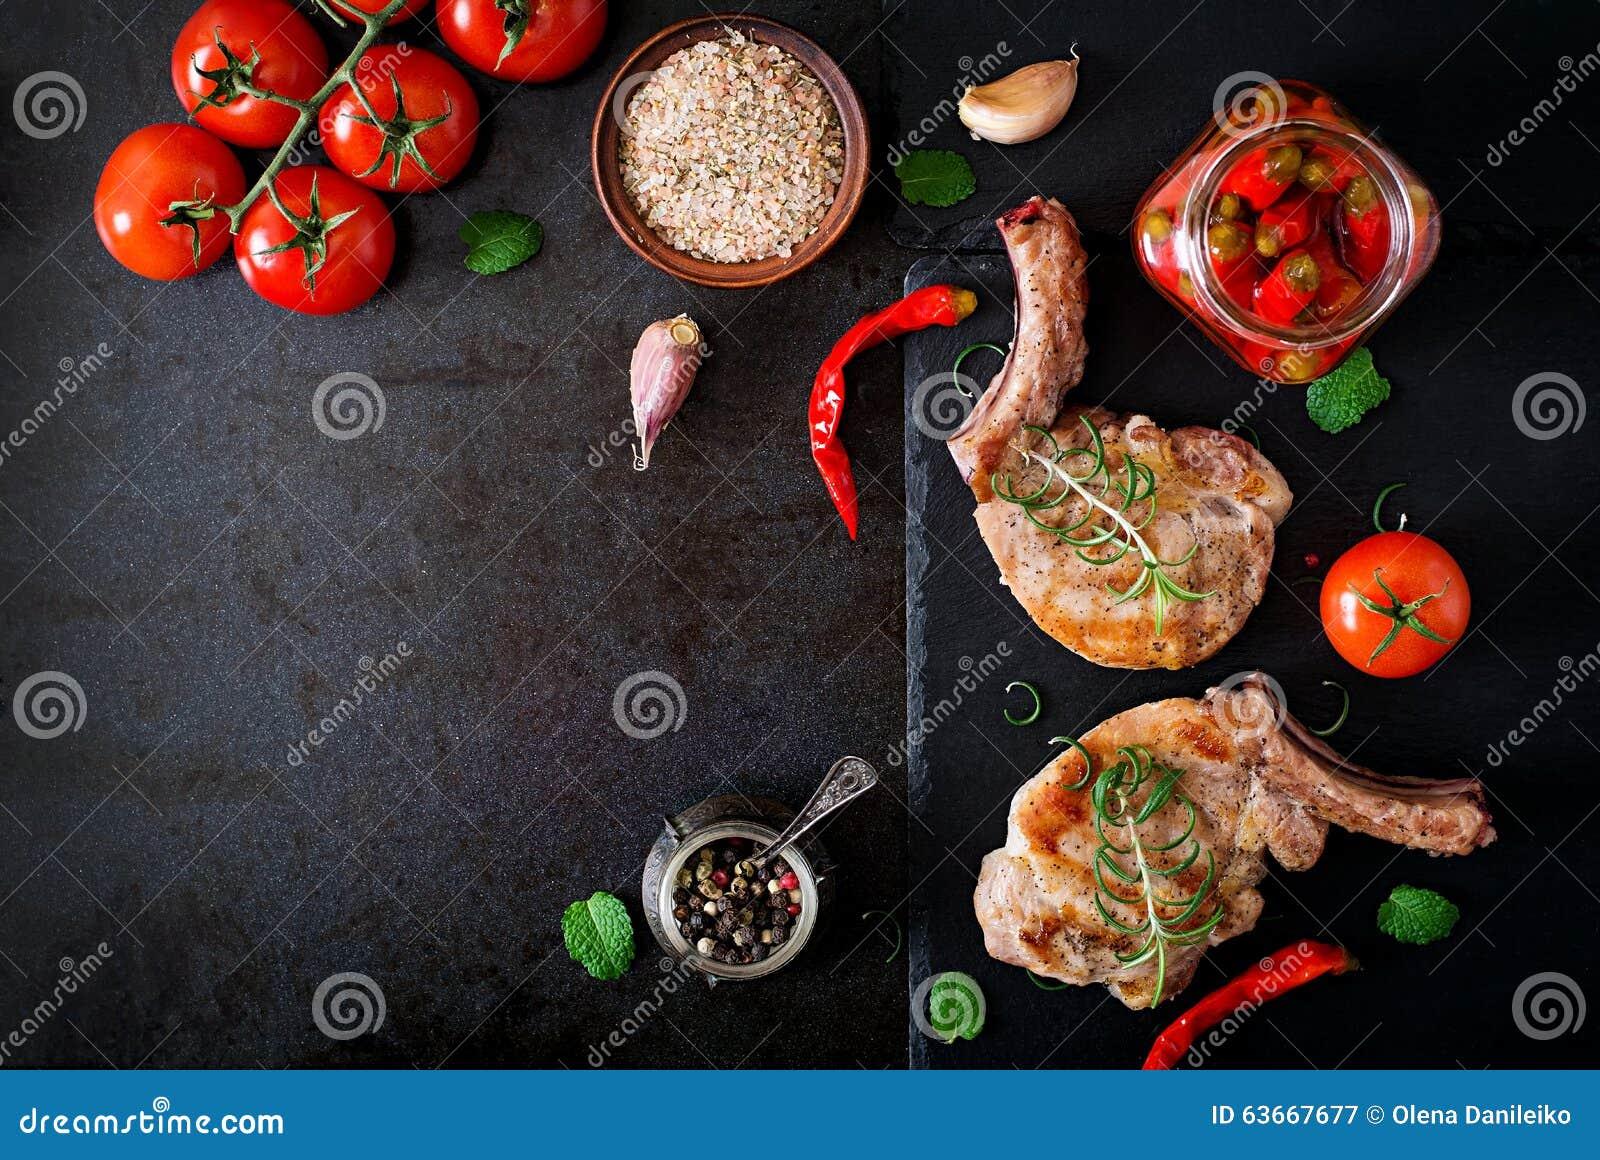 Geroosterd sappig lapje vlees op het been met groenten op een donkere achtergrond